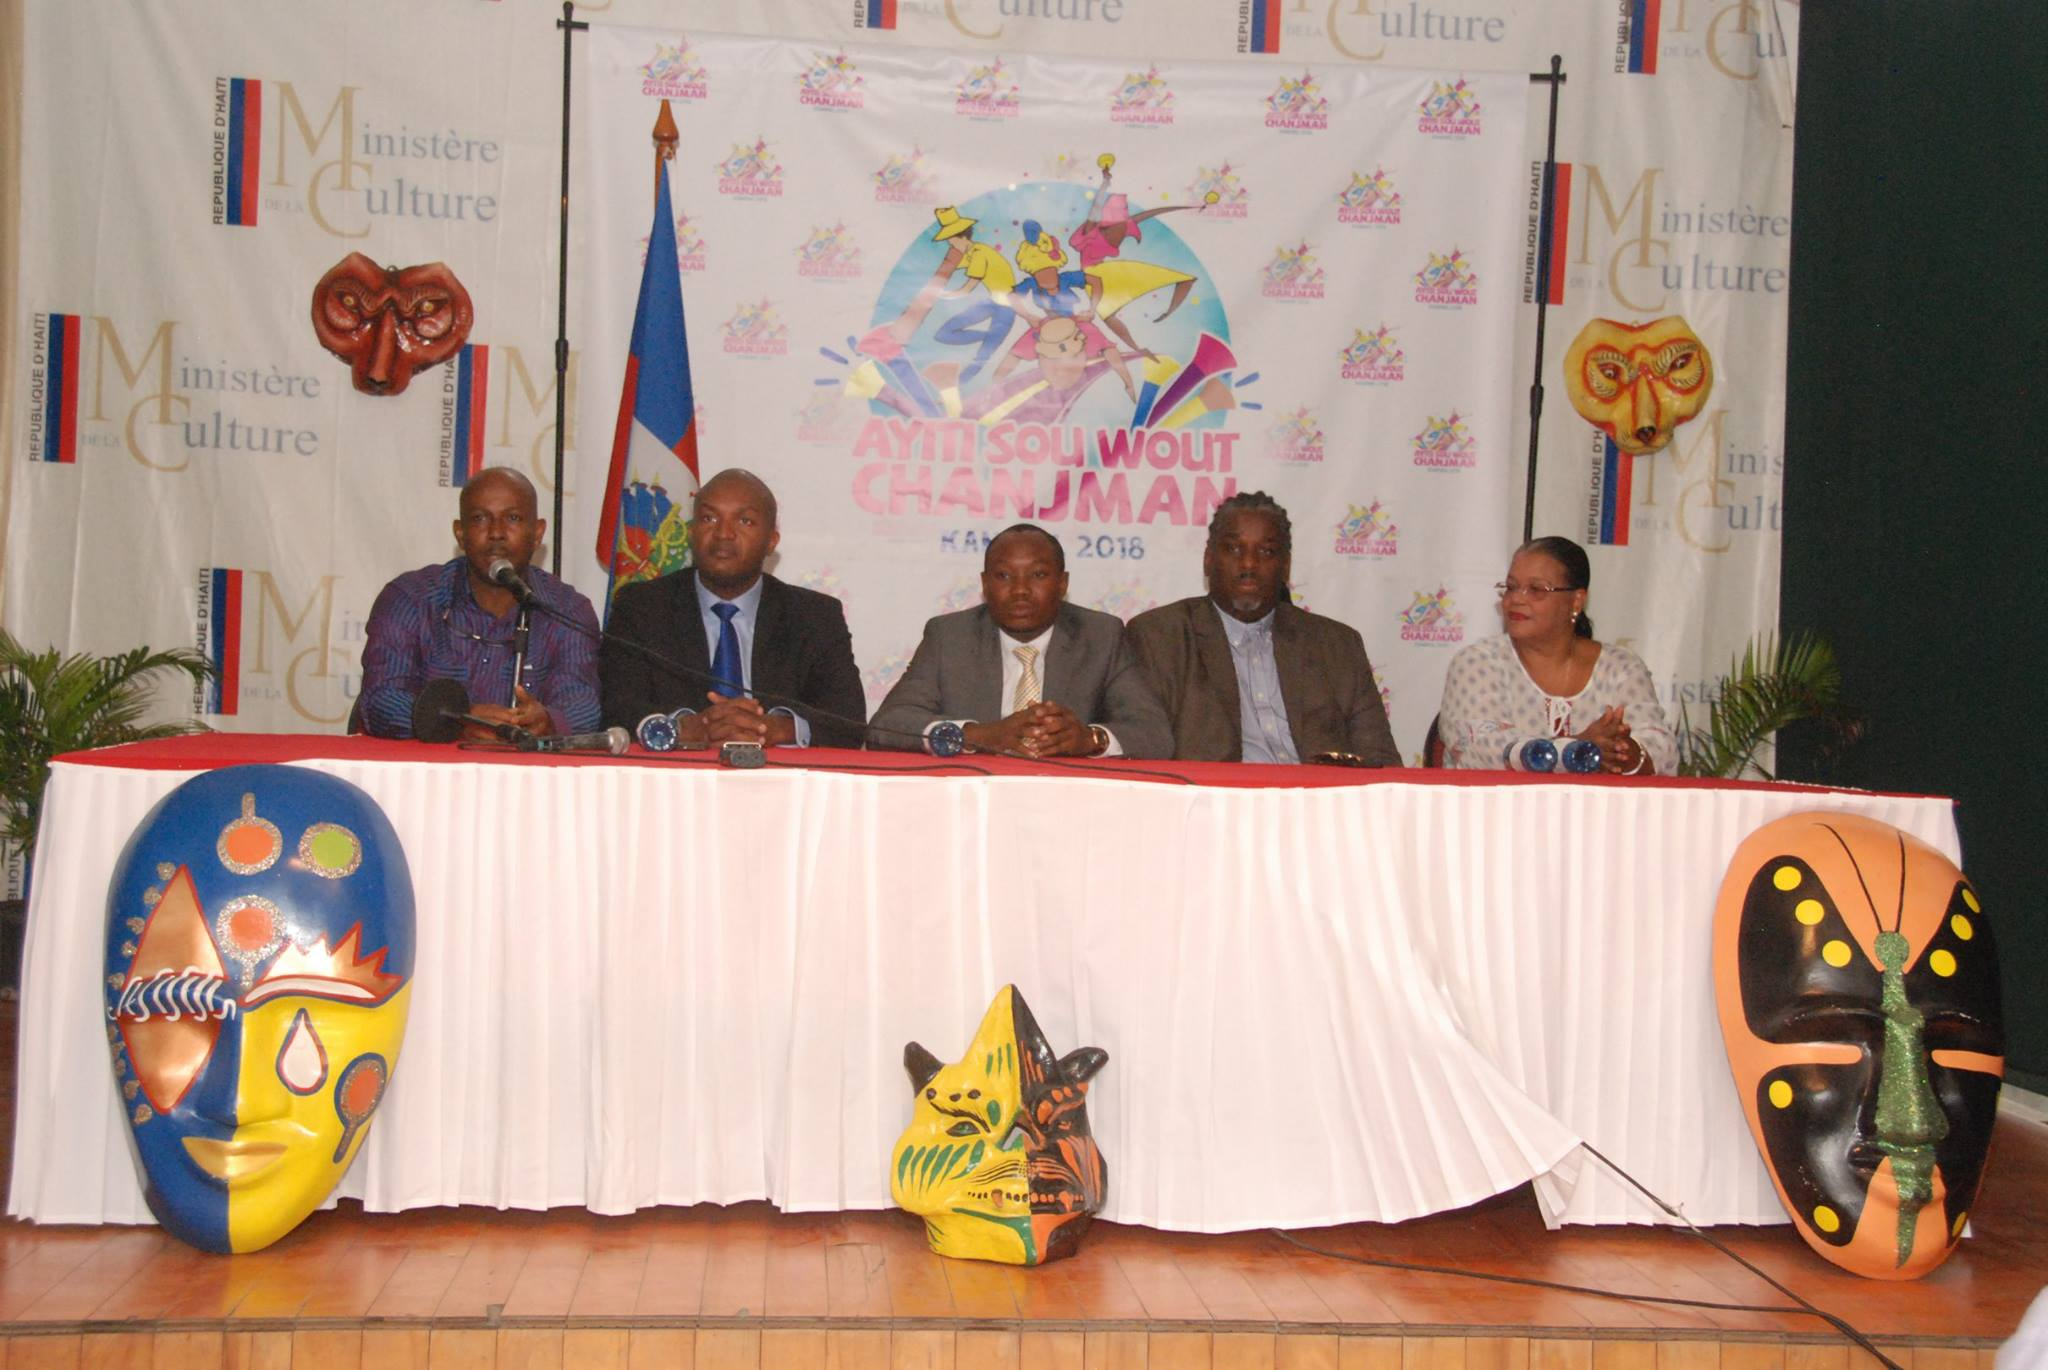 Des membres du comité national du Carnaval 2018, en compagnie du ministre de la Culture, M. Limond Toussaint. Photo : Page Facebook du Ministère de la Culture